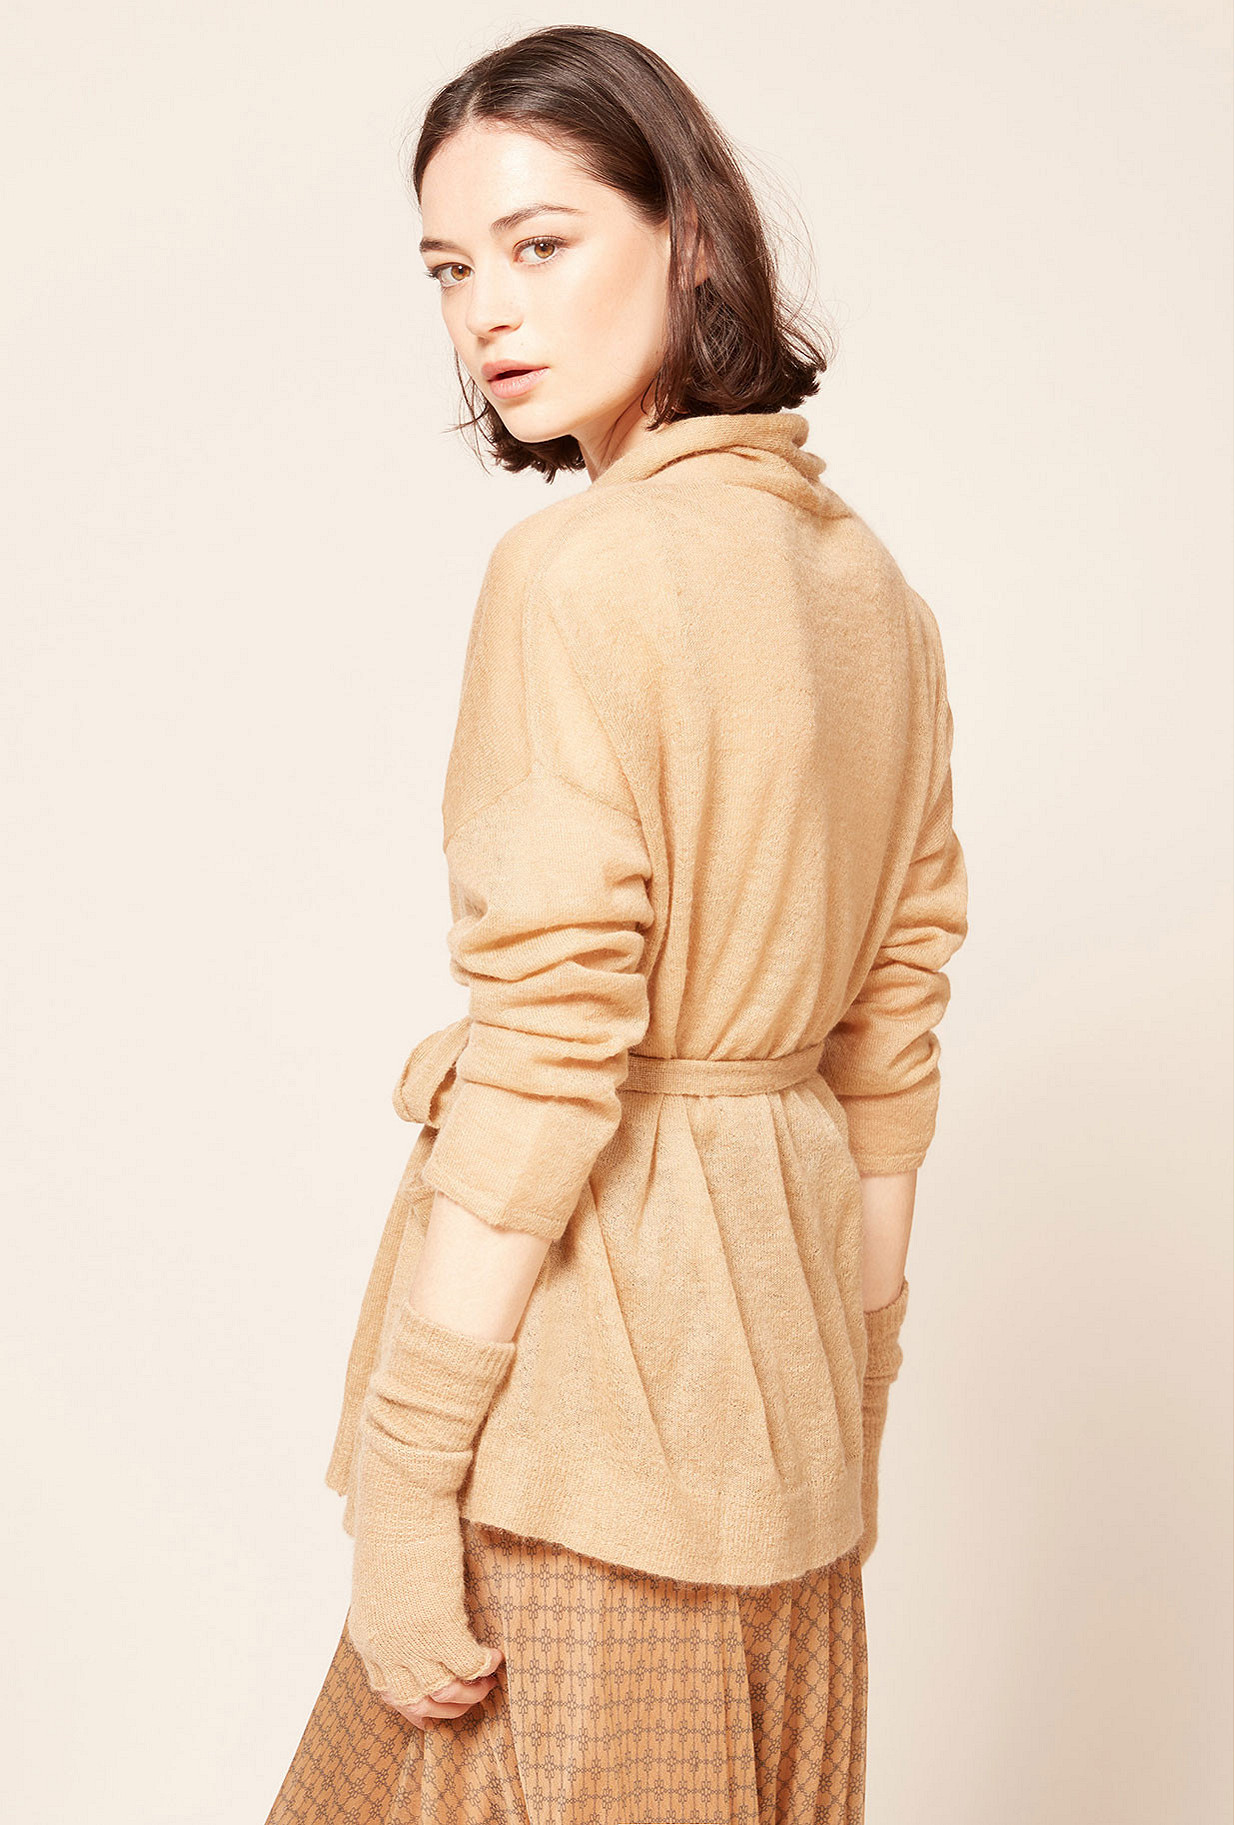 Camel  Cardigan  Saxofon Mes demoiselles fashion clothes designer Paris